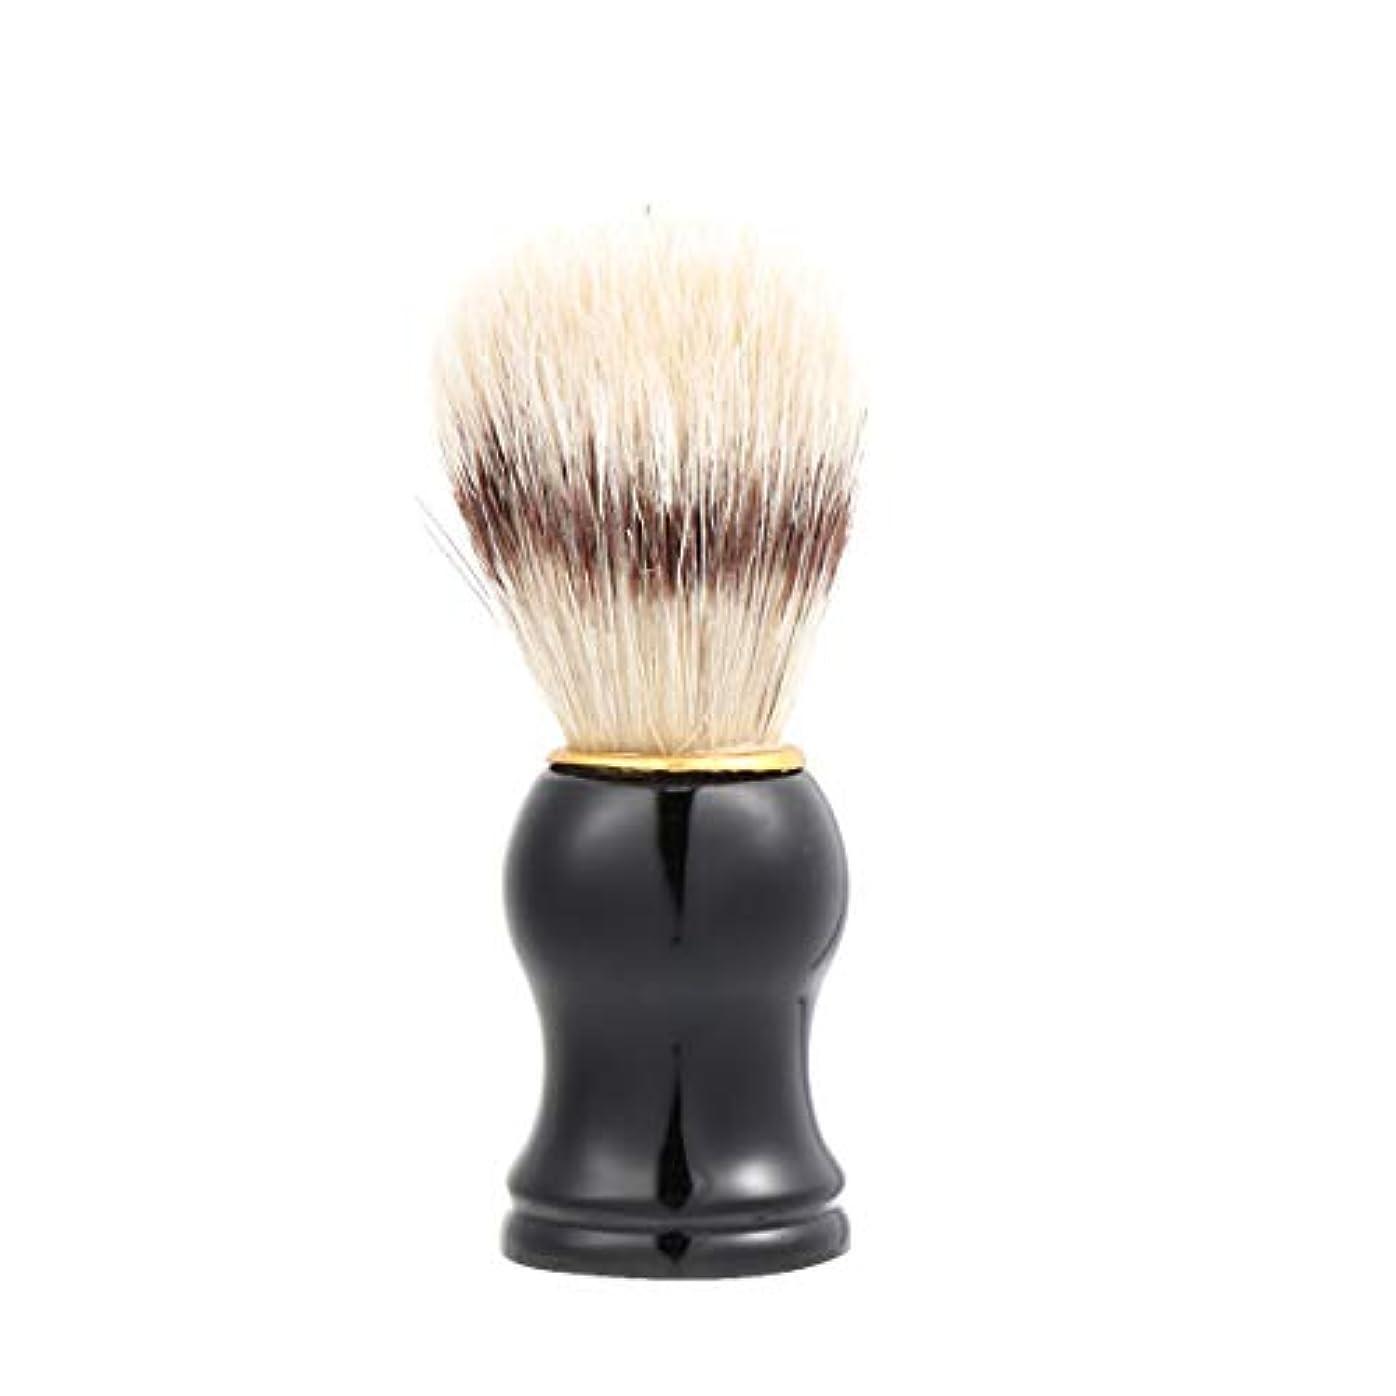 余裕がある記念手綱Lurrose 男性の剃毛ブラシ 毛髭ひげ 剃毛ブラシ ソフト フェイシャルケア ヘアクレンジングブラシ